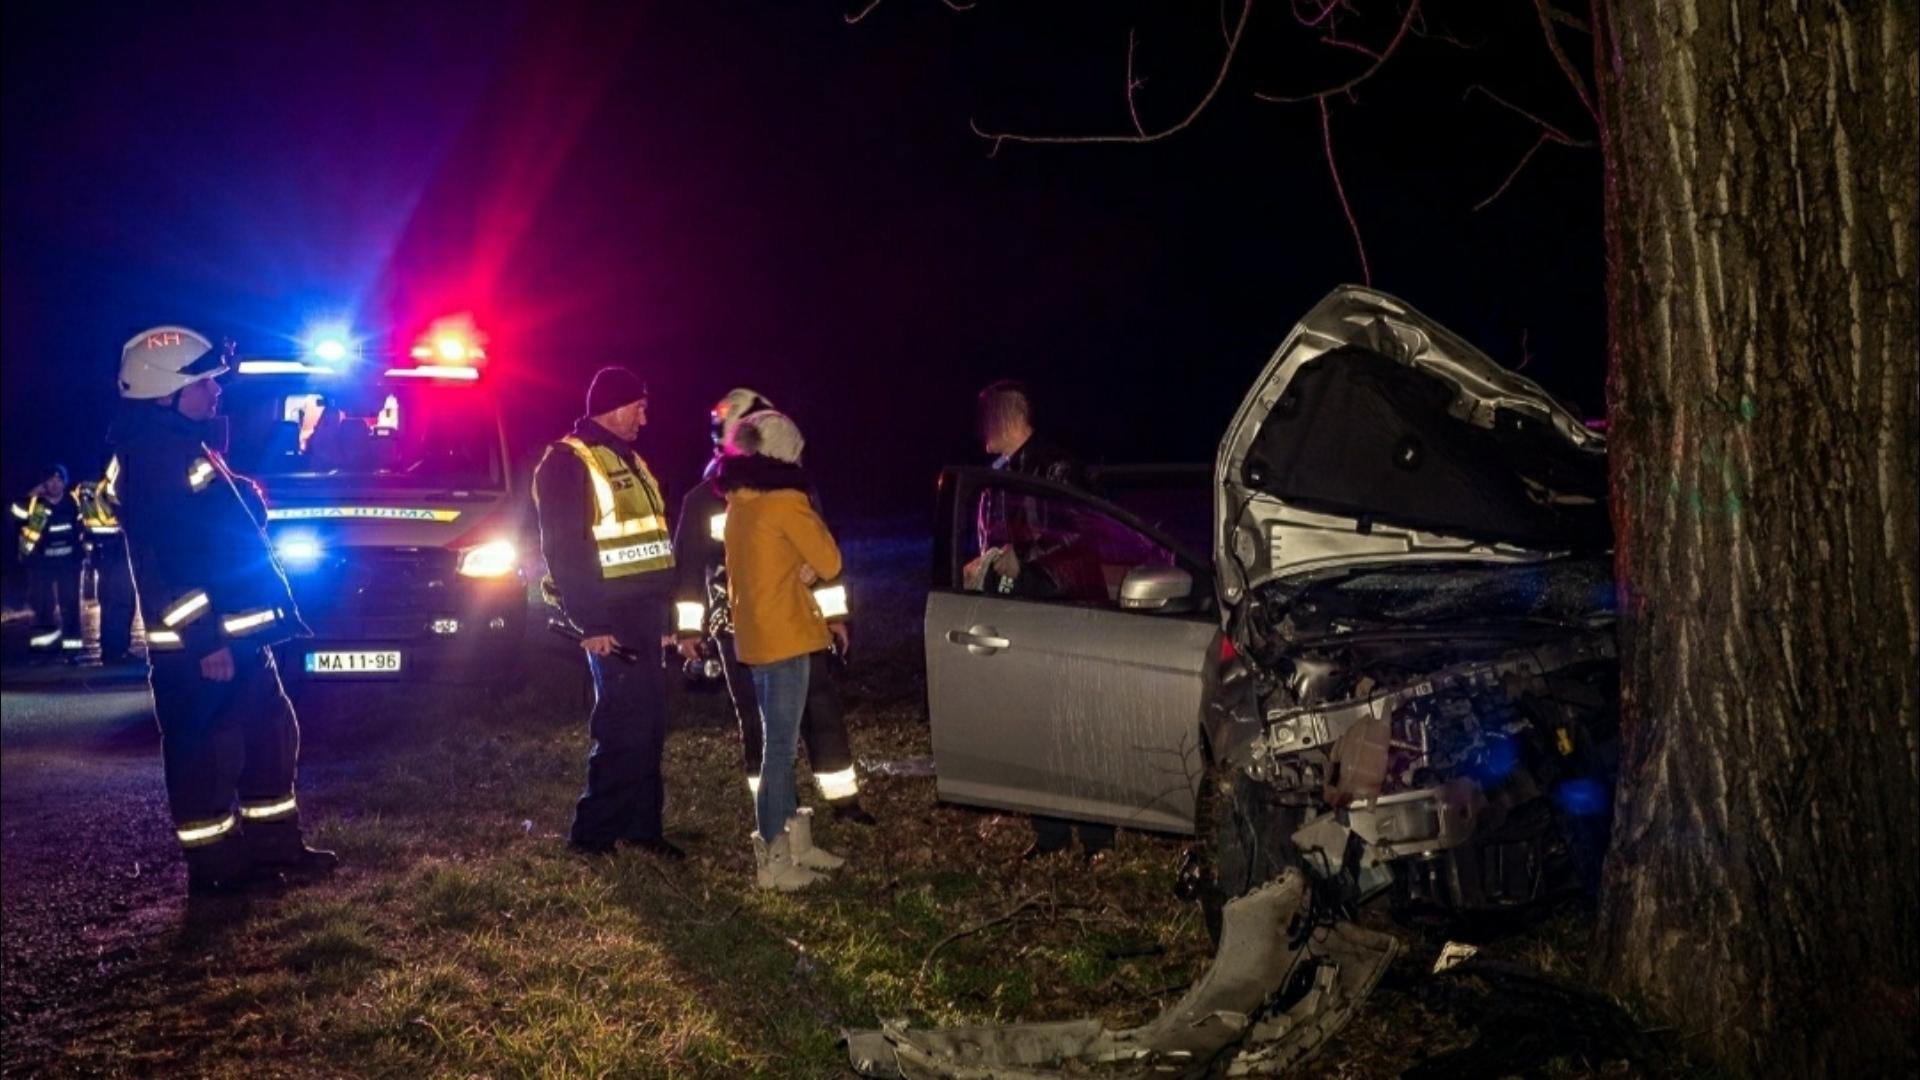 Foto | Patru români răniți într-un accident rutier în Ungaria, doi sunt în stare gravă!